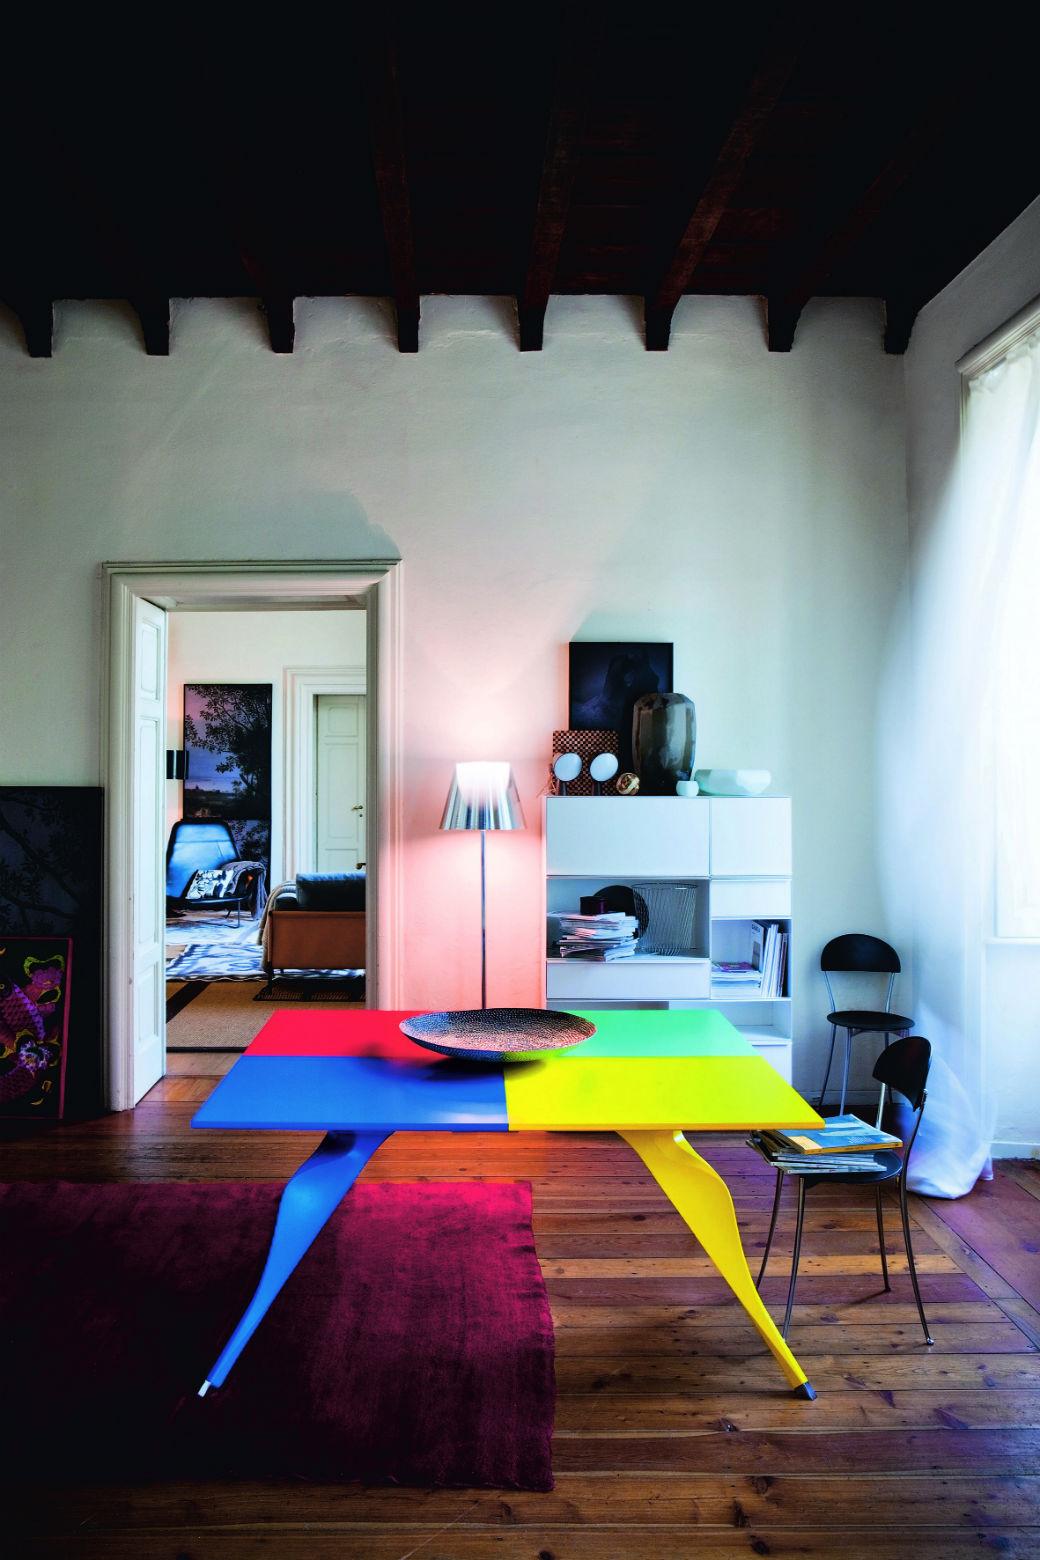 zanotta le idee che hanno rivoluzionato il design diredonna. Black Bedroom Furniture Sets. Home Design Ideas